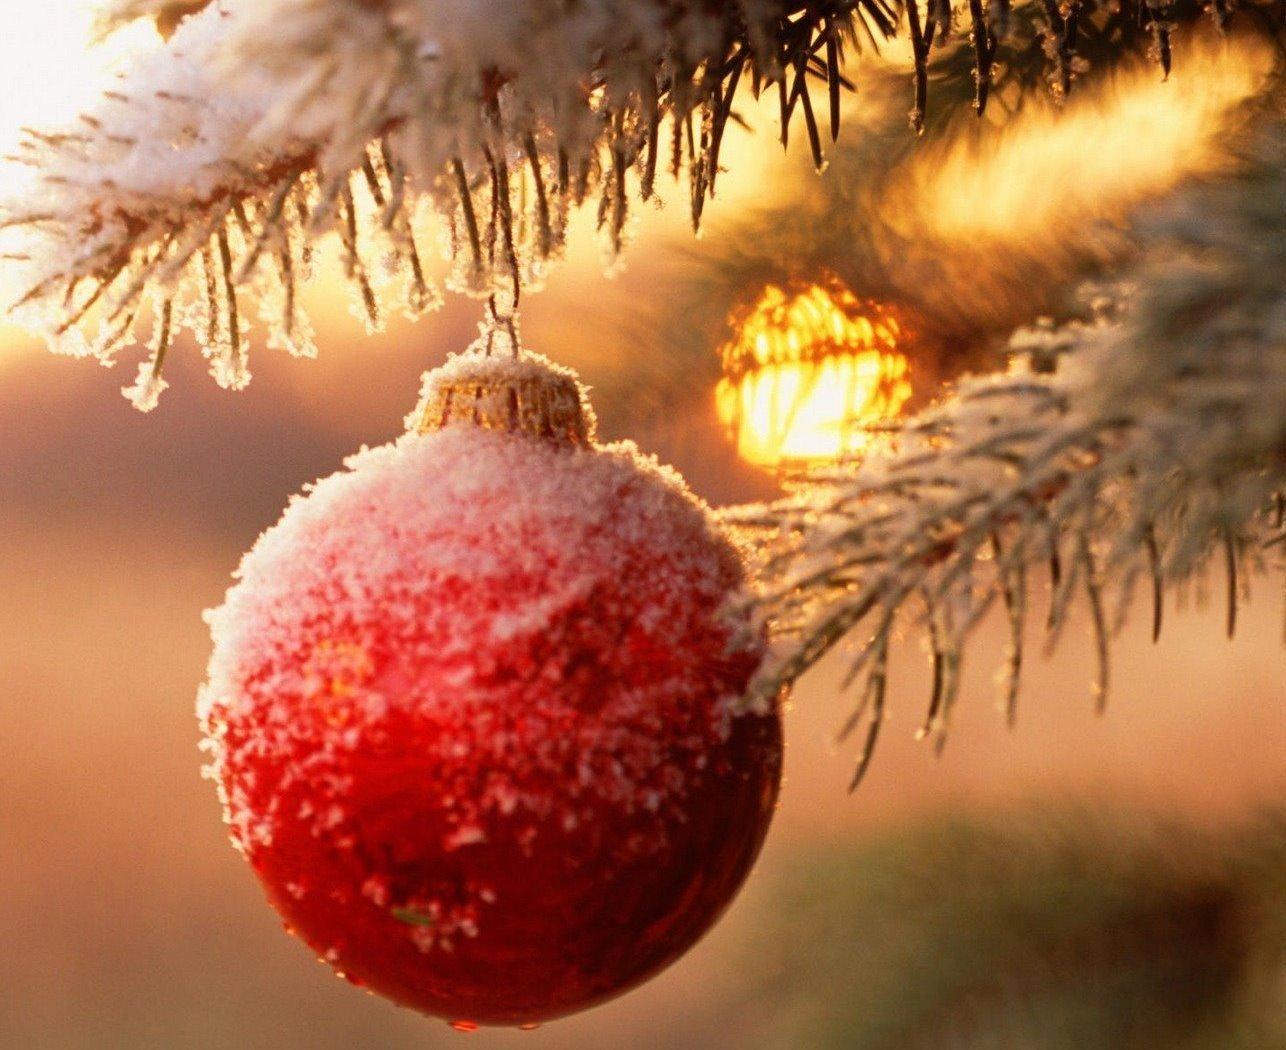 Pics Photos - Craciun Fericit Bunatatea Lumina Domnului Nostru Iisus ...